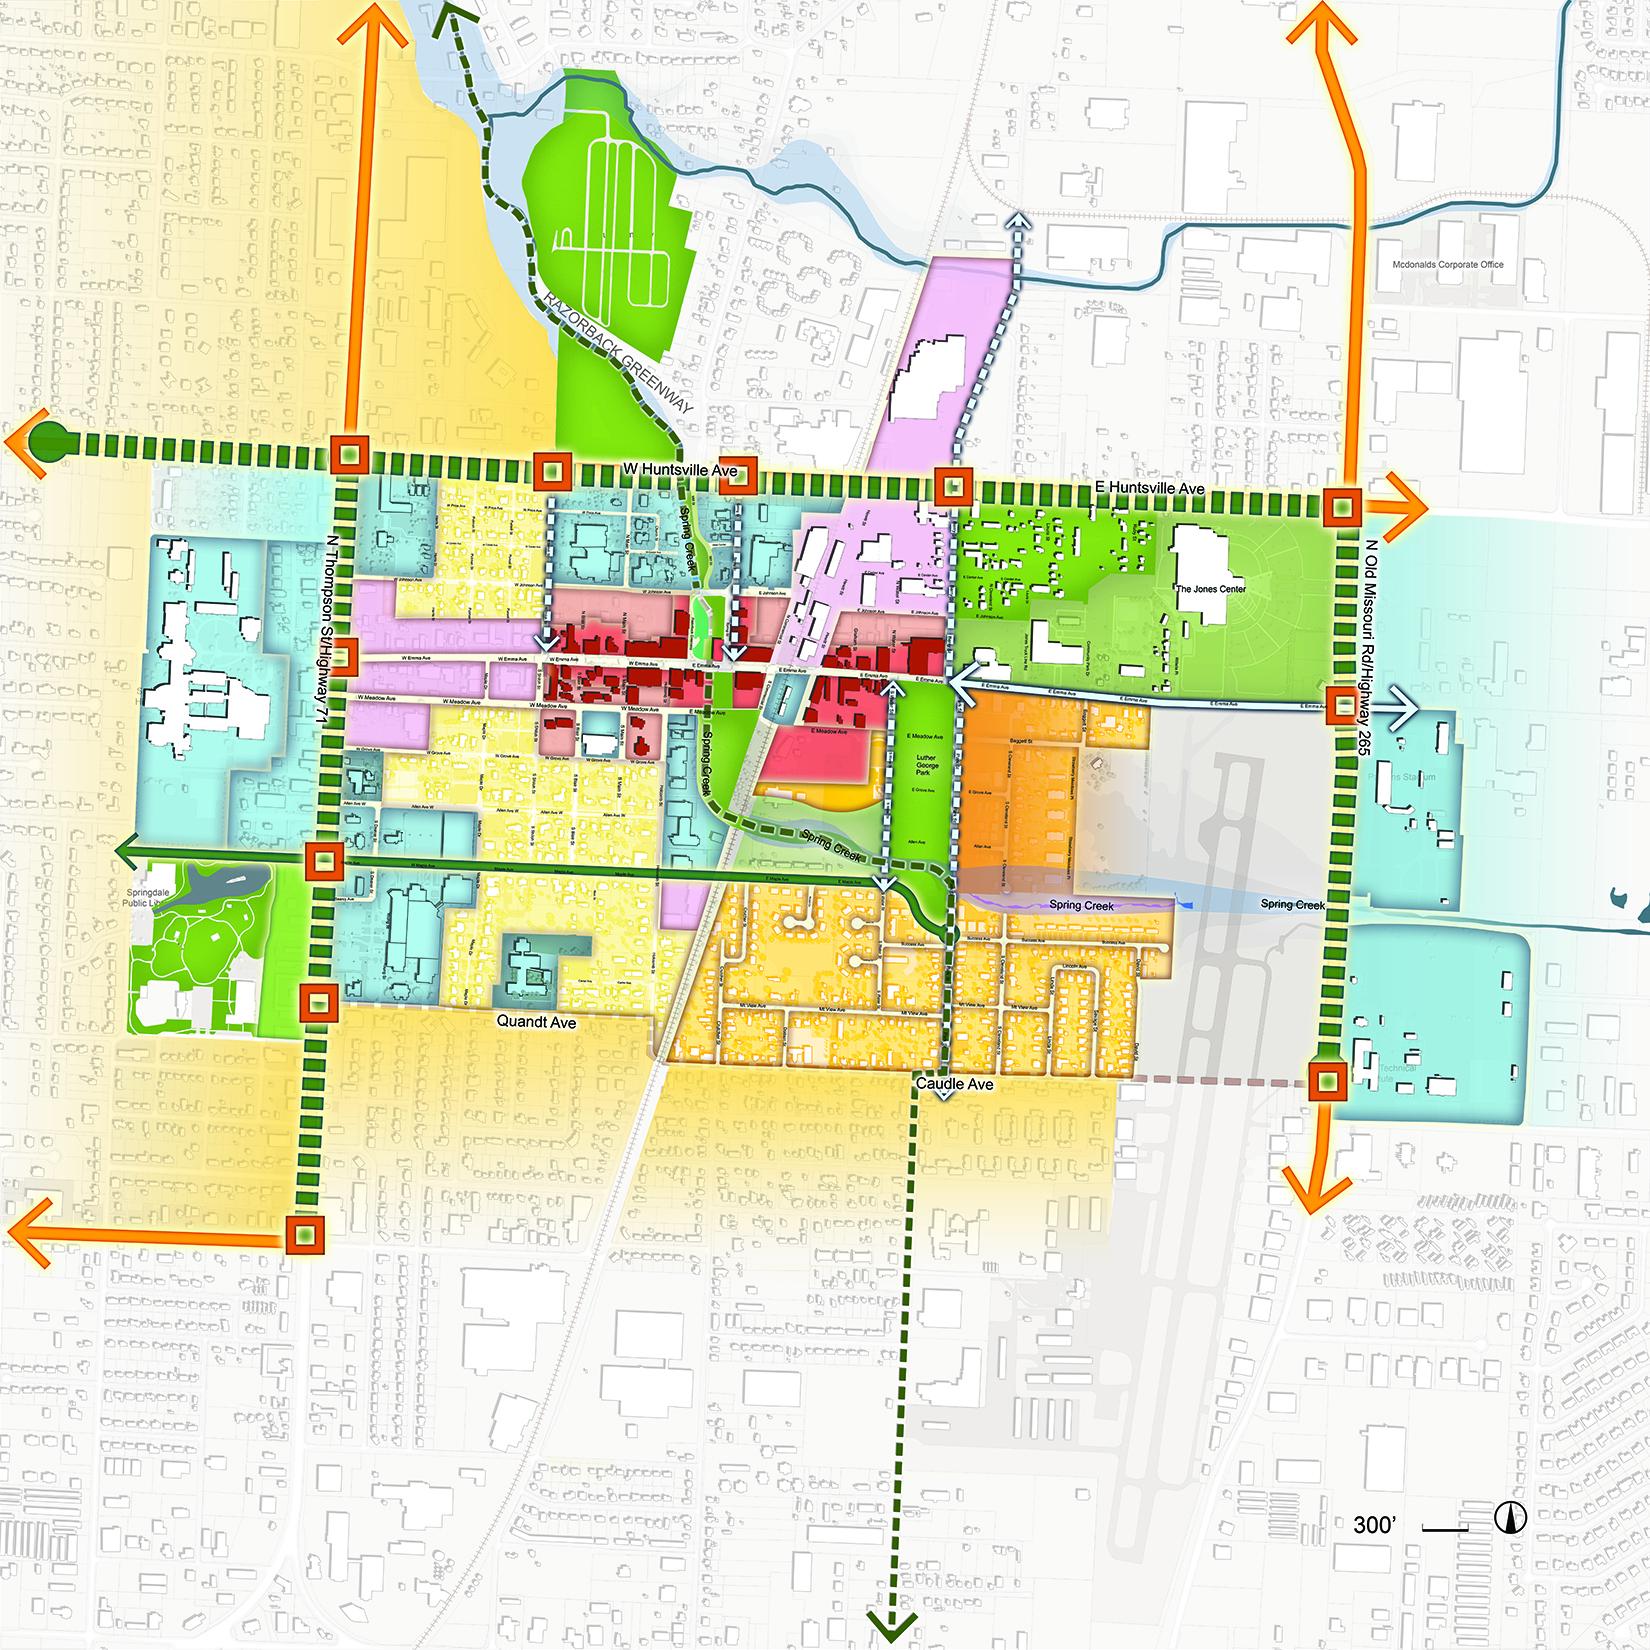 Springdale Revitalization MP_0092_PreferredOption_MASTER_01.jpg